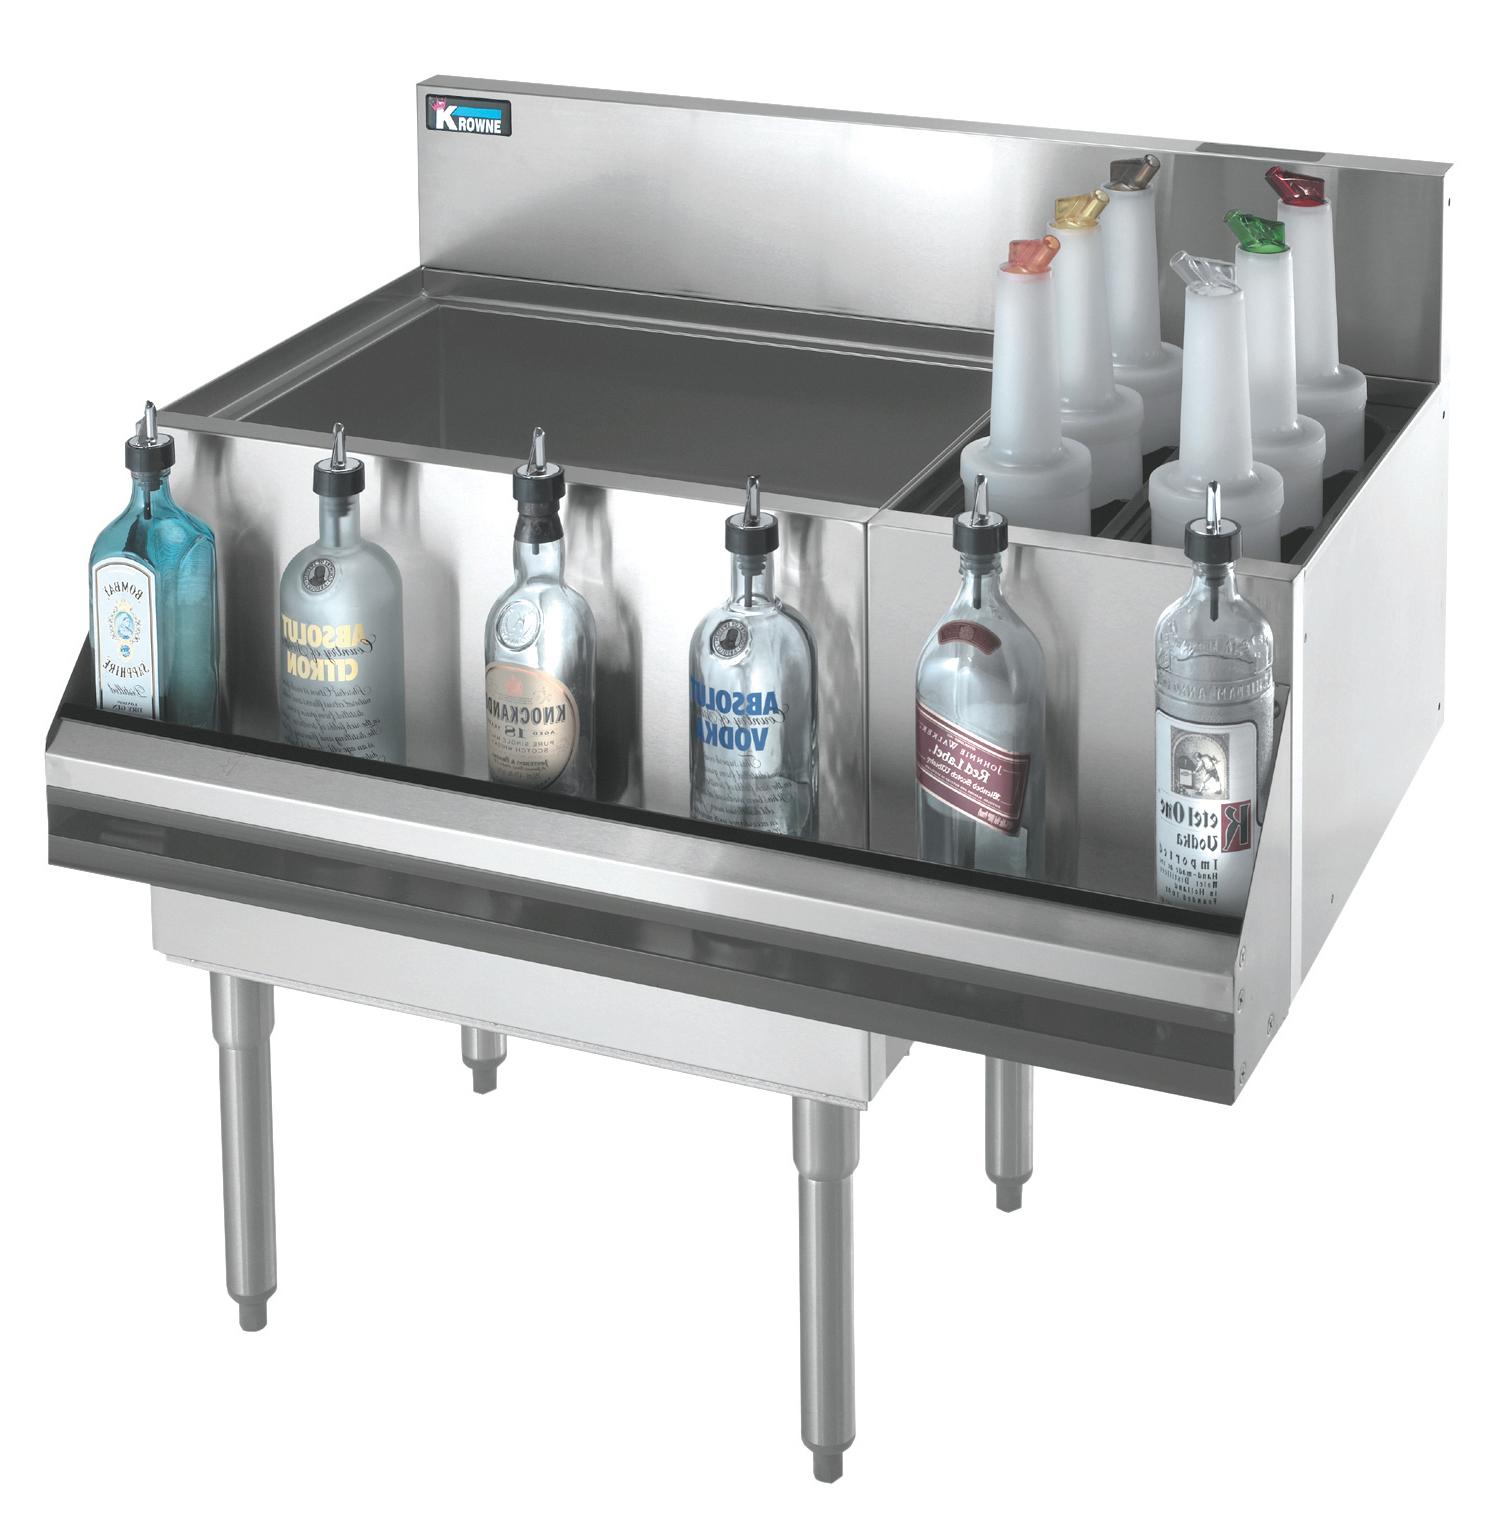 Krowne Metal KR18-M42L-10 underbar ice bin/cocktail station, bottle well bin